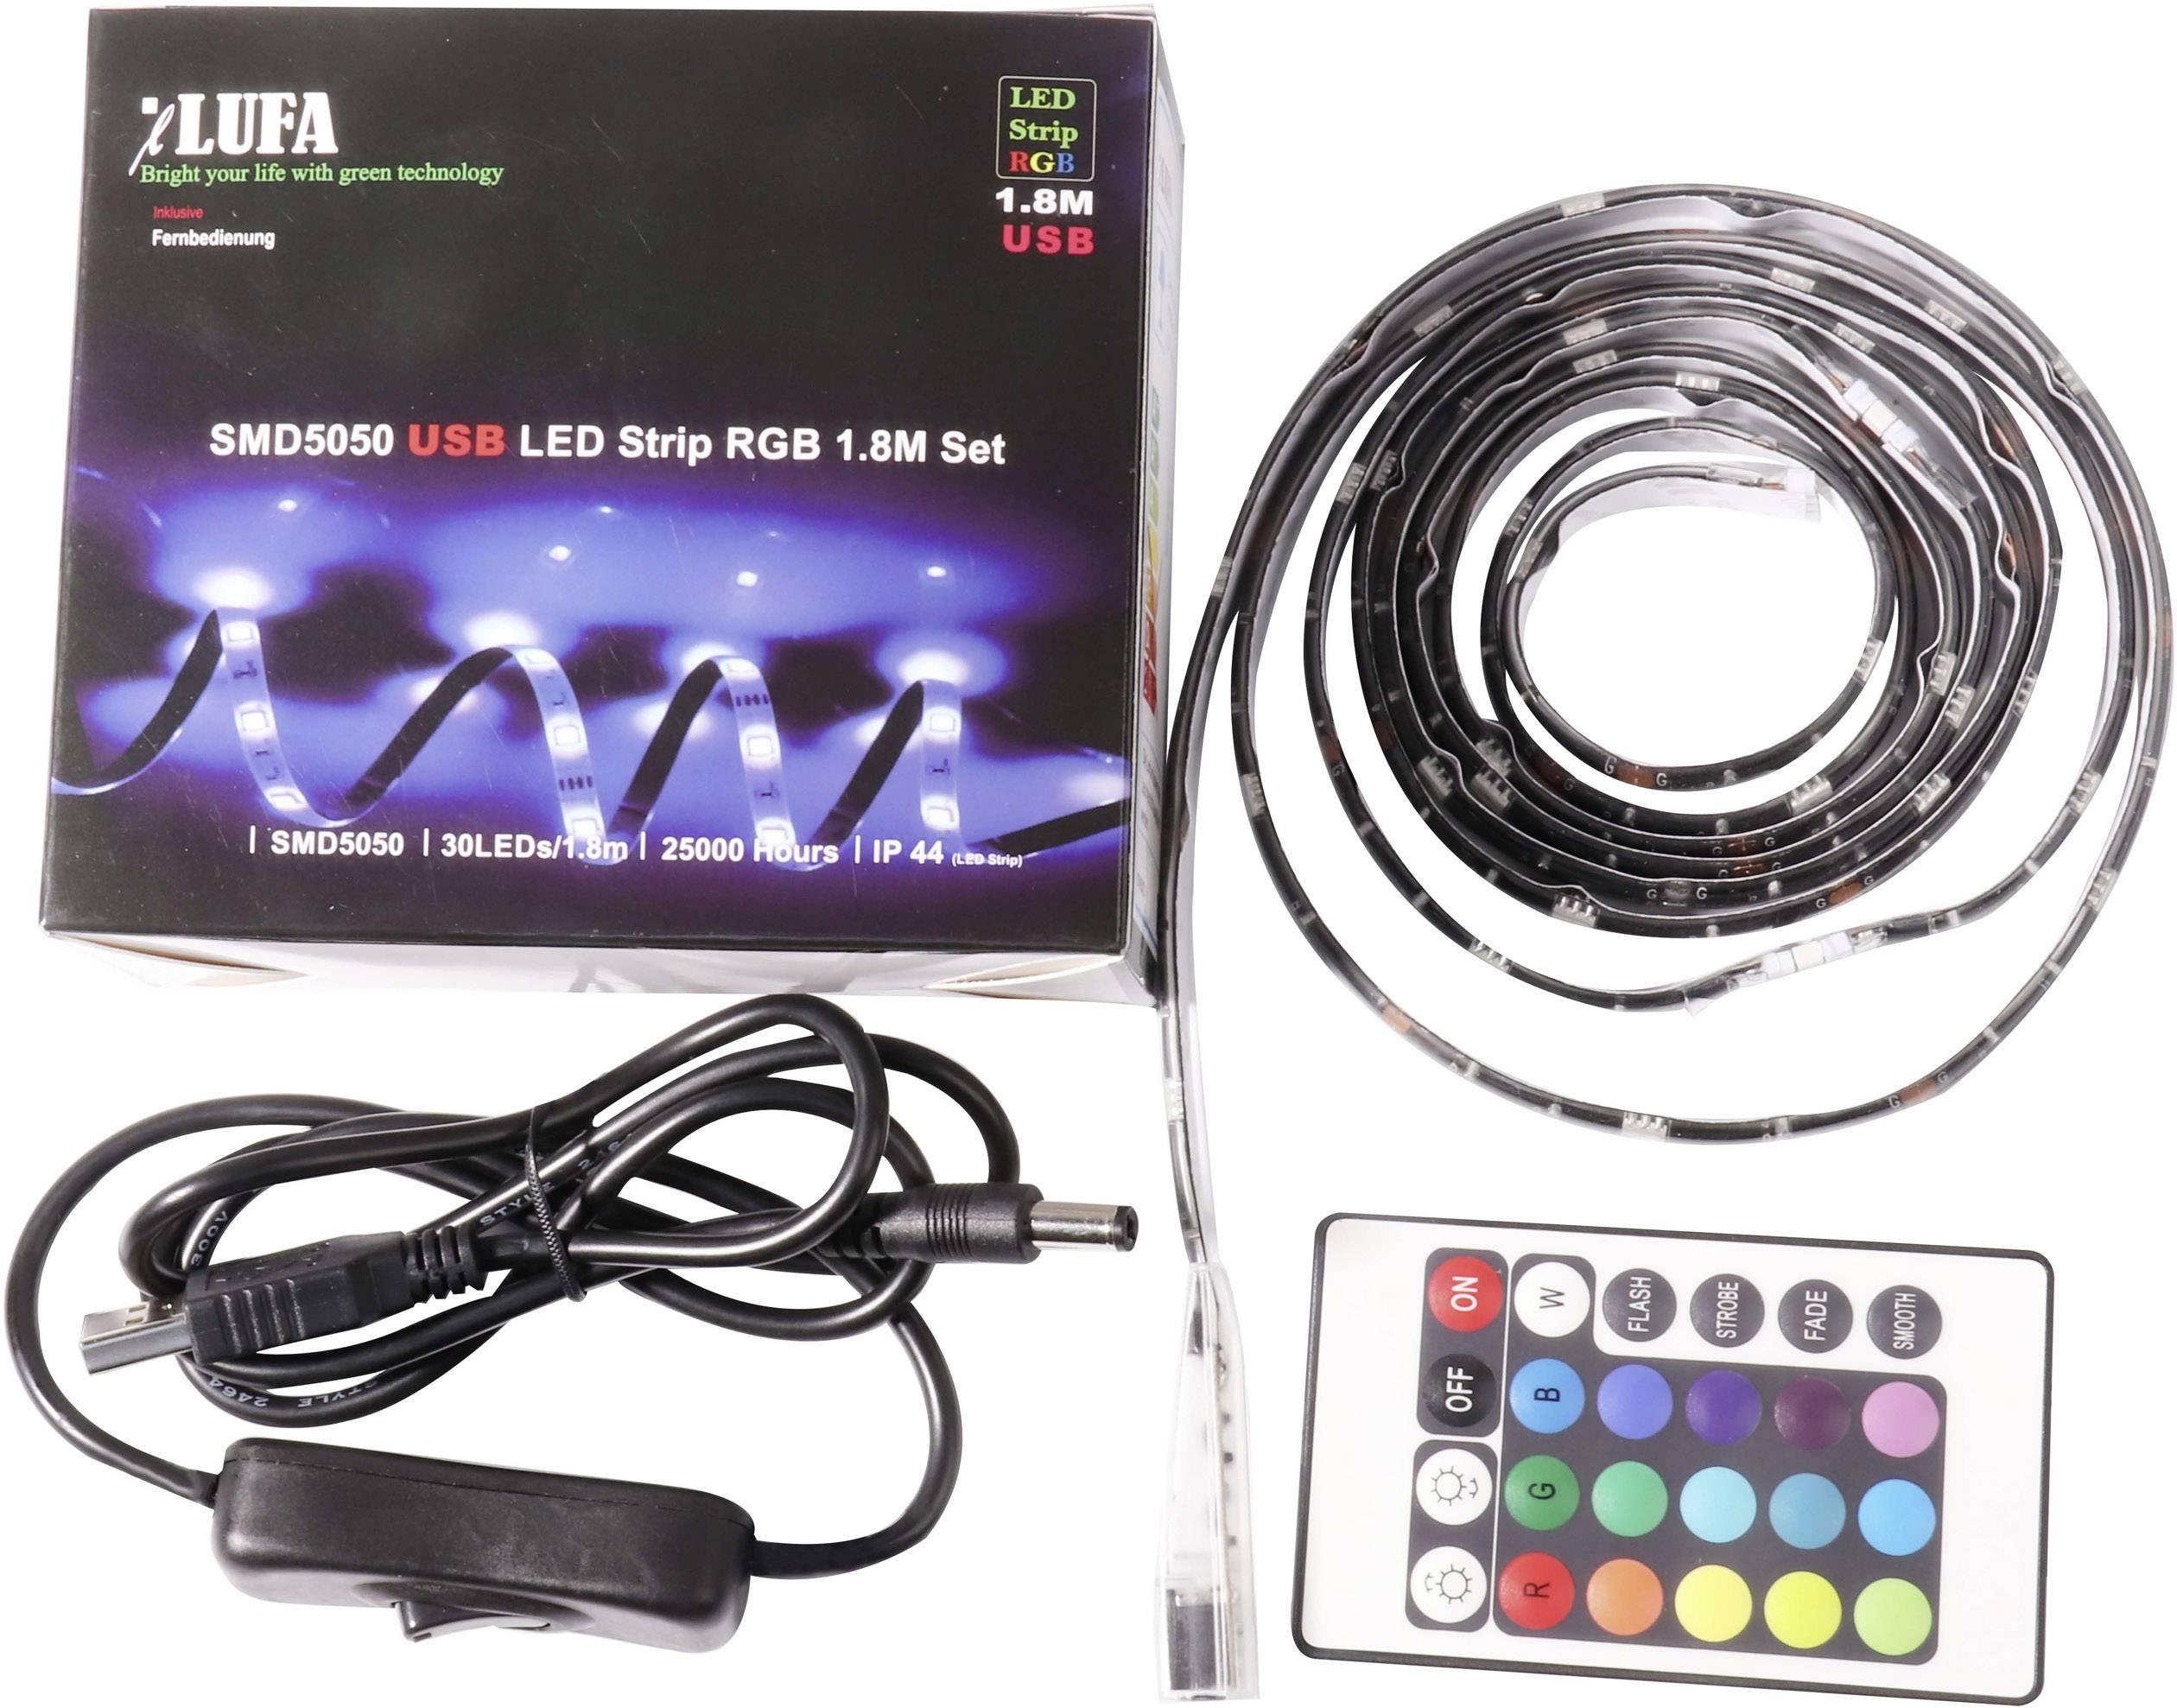 Kompletní sada LED pásků 4052899943667, 5 V, 4 W, RGB, 180 cm